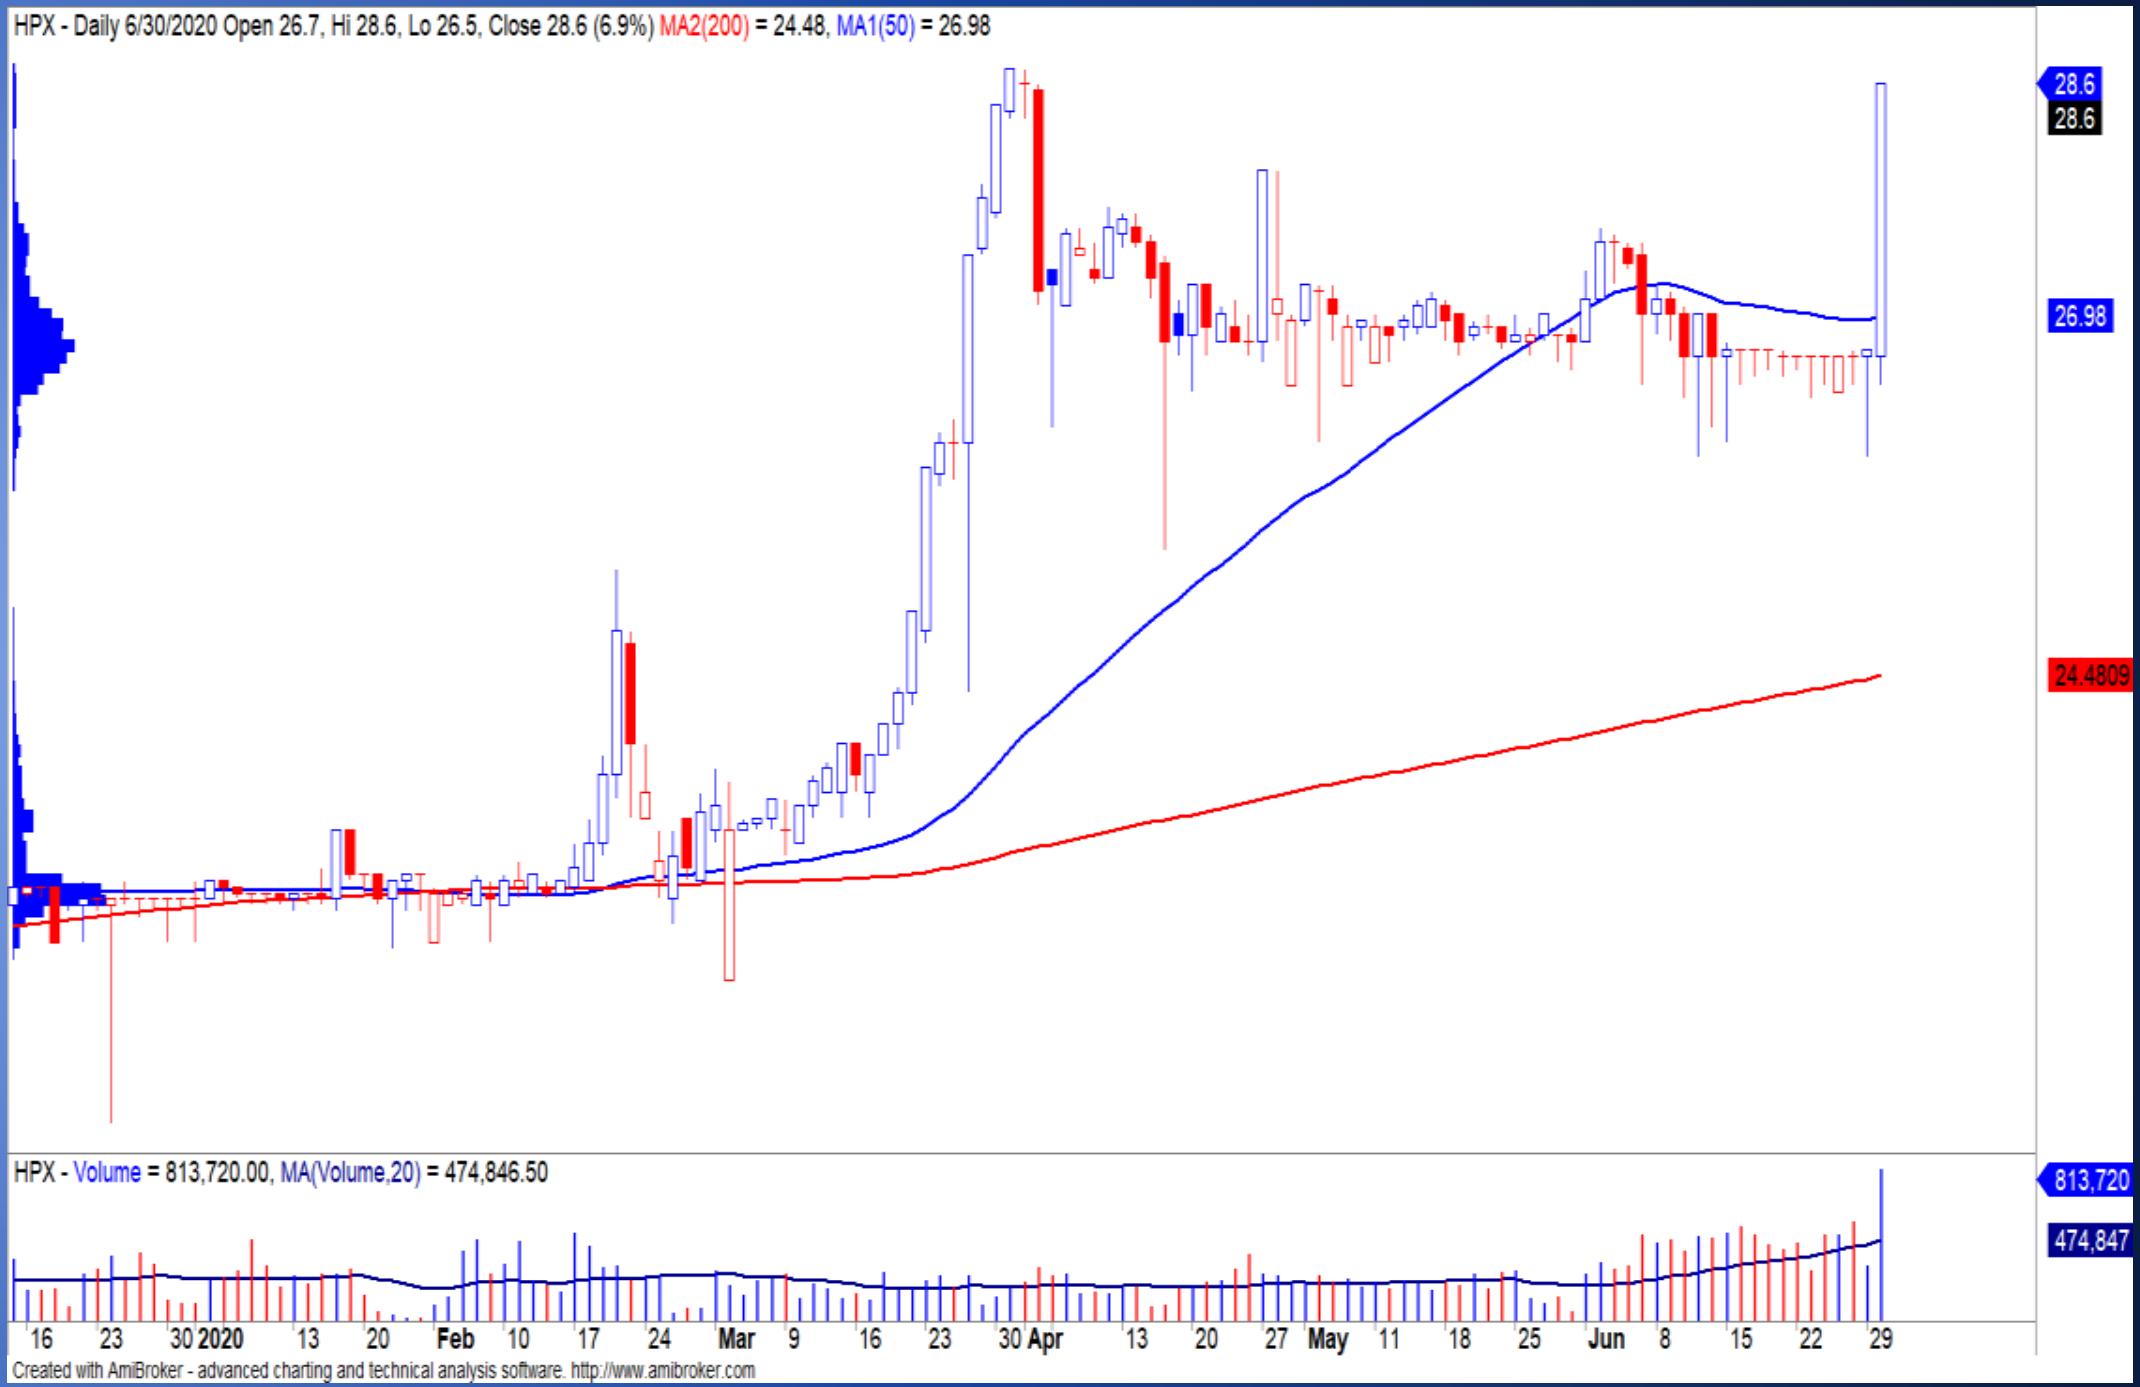 Cổ phiếu tâm điểm ngày 2/7: HAX, HPX, VIC - Ảnh 2.